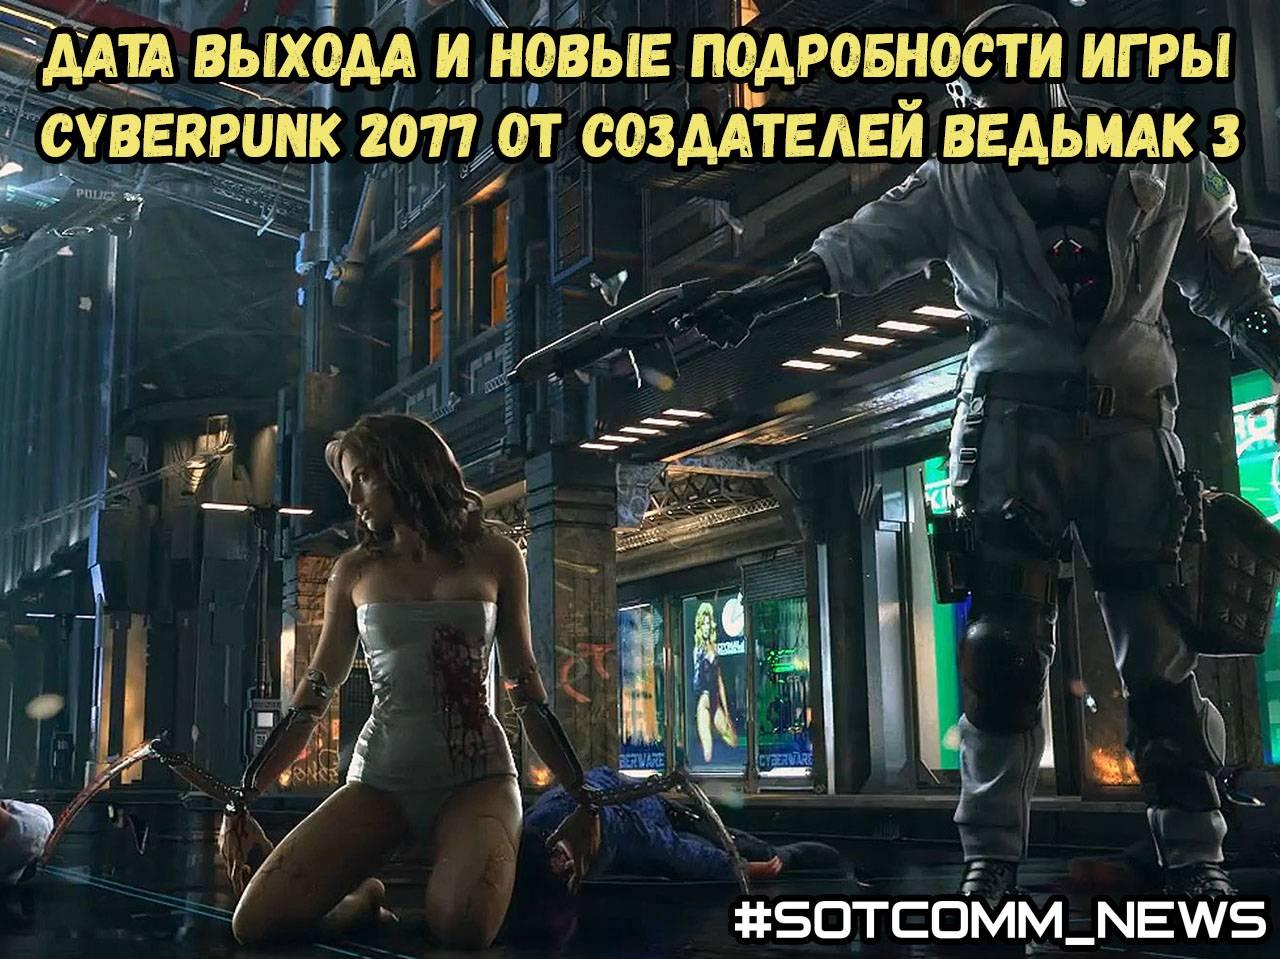 Дата выхода и новые подробности игры Cyberpunk 2077 от создателей Ведьмак 3